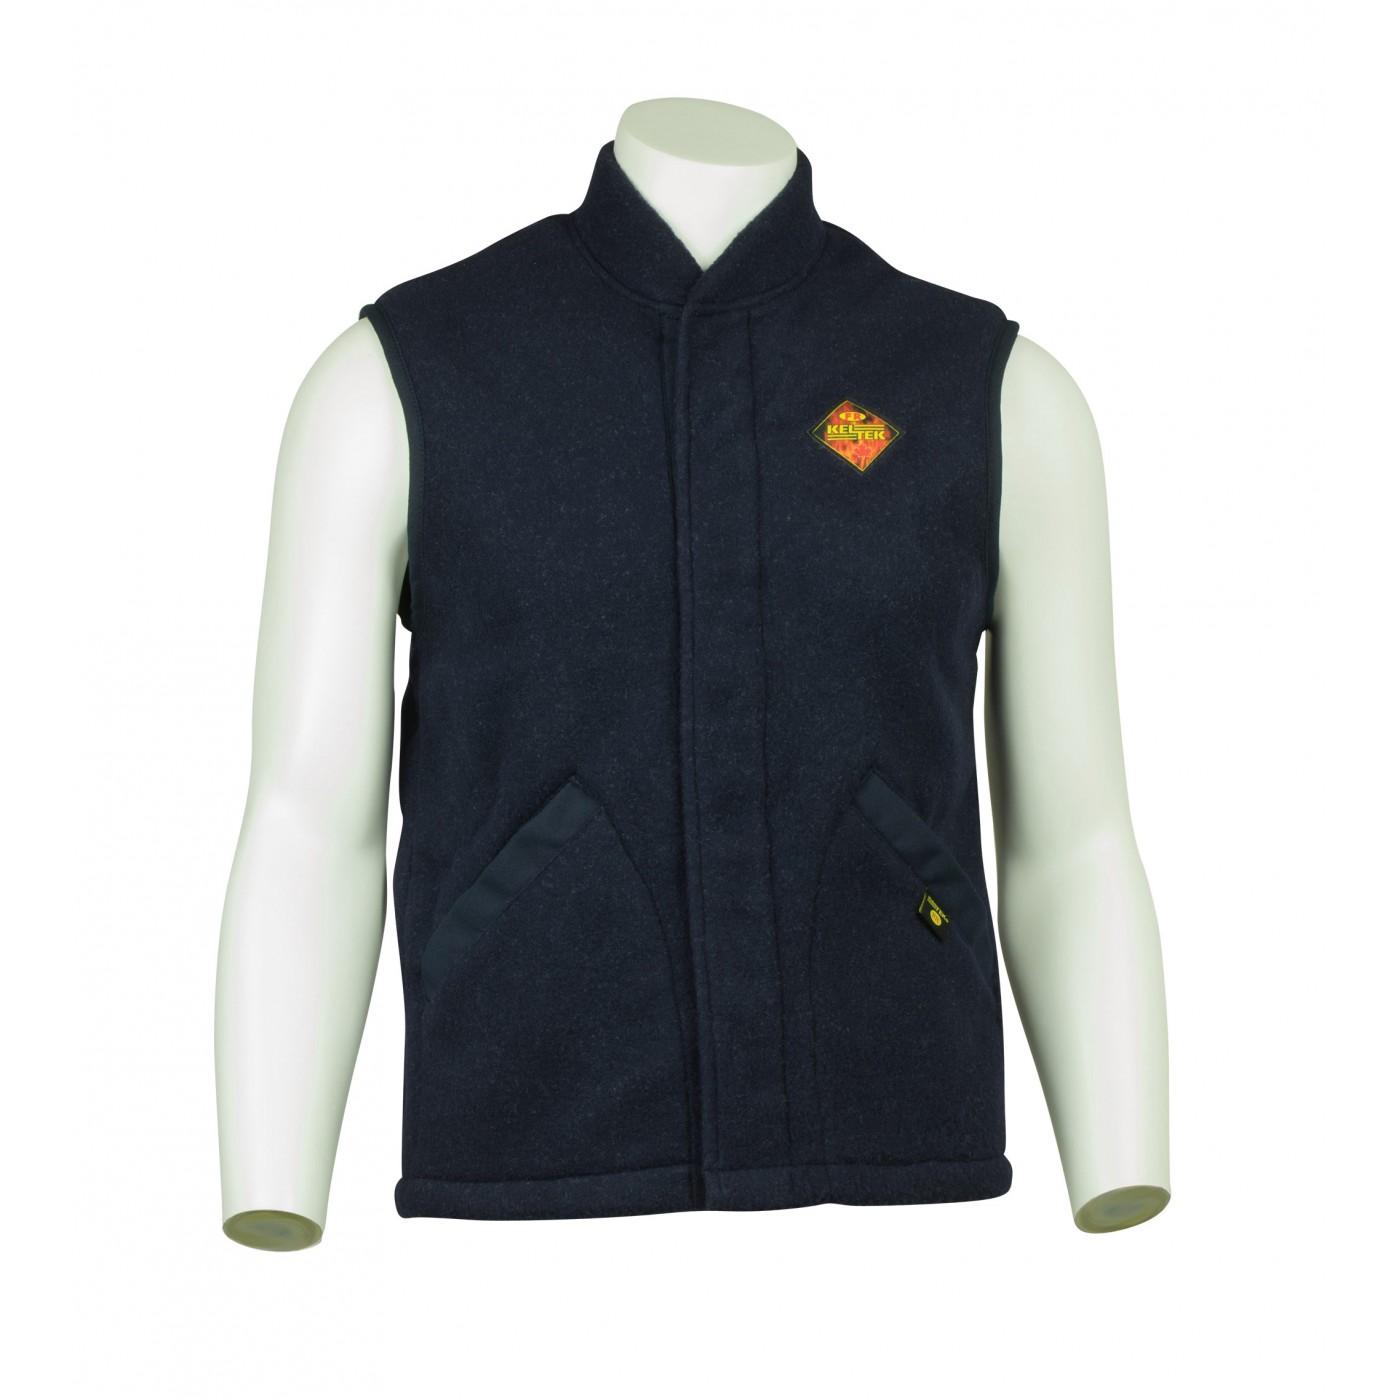 03eaa0869cc4 FR Fleece Vest Jacket